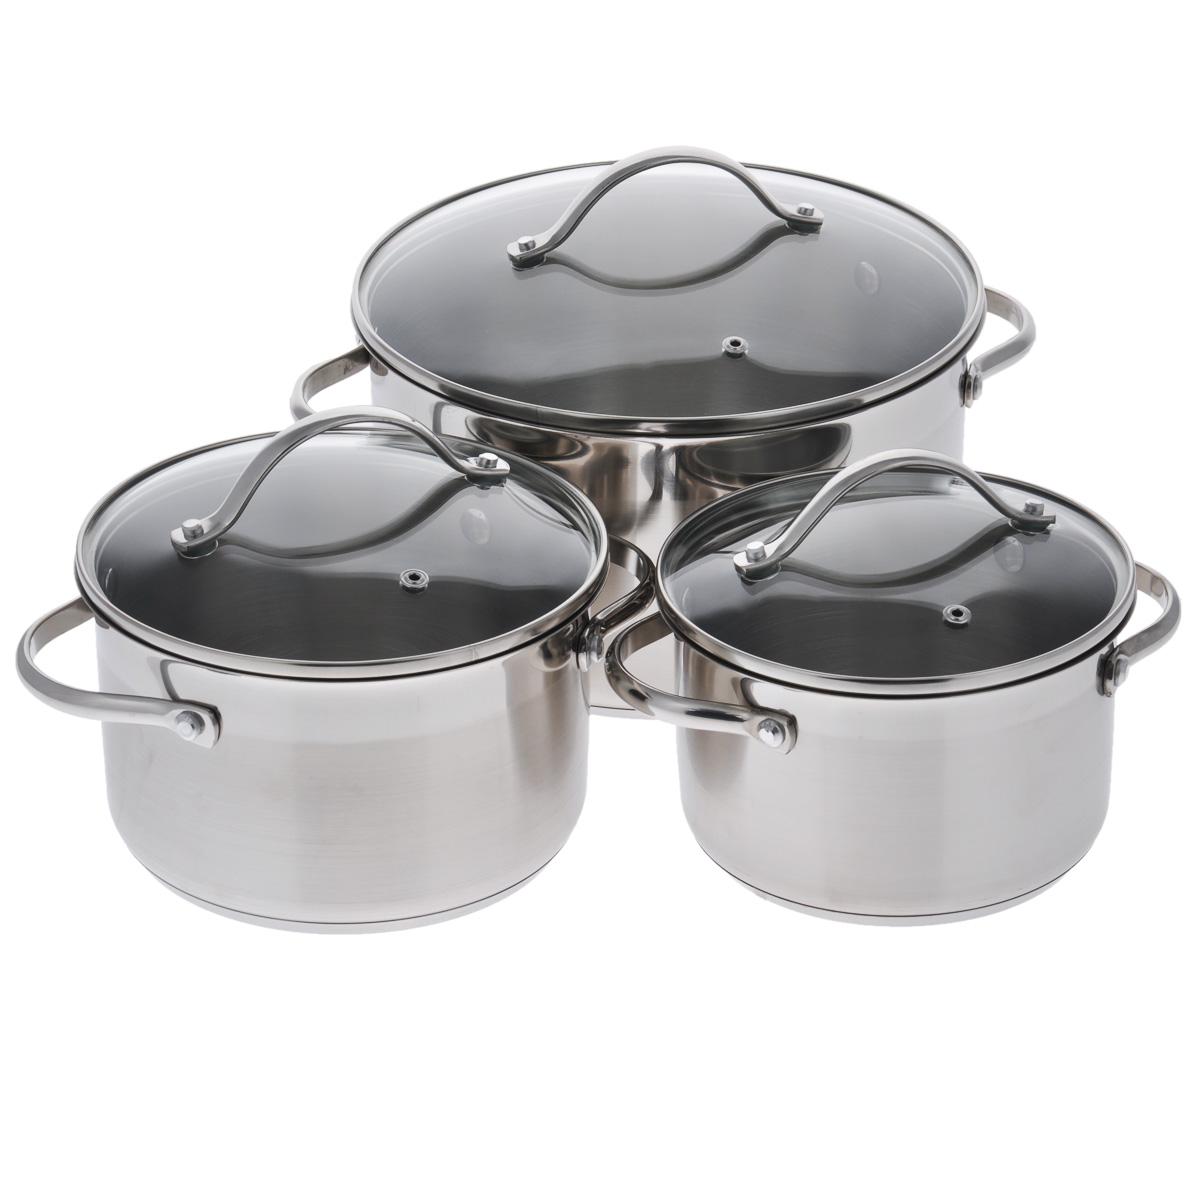 Набор посуды Winner, 6 предметов. WR-1100WR-1100В набор посуды Winner входят 3 кастрюли с крышками. Вся посуда выполнена из высококачественной нержавеющей стали 18/10, а идеально ровная внутренняя поверхность значительно облегчает мытье. Энергосберегающее, капсулированное дно быстро и равномерно распределяет тепло. Матовая полировка с зеркальной полосой придает набору особо эстетичный внешний вид. Предметы набора оснащены двумя удобными ручками из нержавеющей стали. Крышки, выполненные из термостойкого стекла с ободком из нержавеющей стали и пароотводом, позволят вам следить за процессом приготовления пищи. Крышки плотно прилегают к краям посуды, предотвращая проливание жидкости и сохраняя аромат блюд. Подходит для газовых, электрических, стеклокерамических и индукционных плит. Можно мыть в посудомоечной машине. Набор посуды Winner - идеальный подарок для современных хозяек, которые следят за своим здоровьем и здоровьем своей семьи. Эргономичный дизайн и функциональность набора позволят вам...